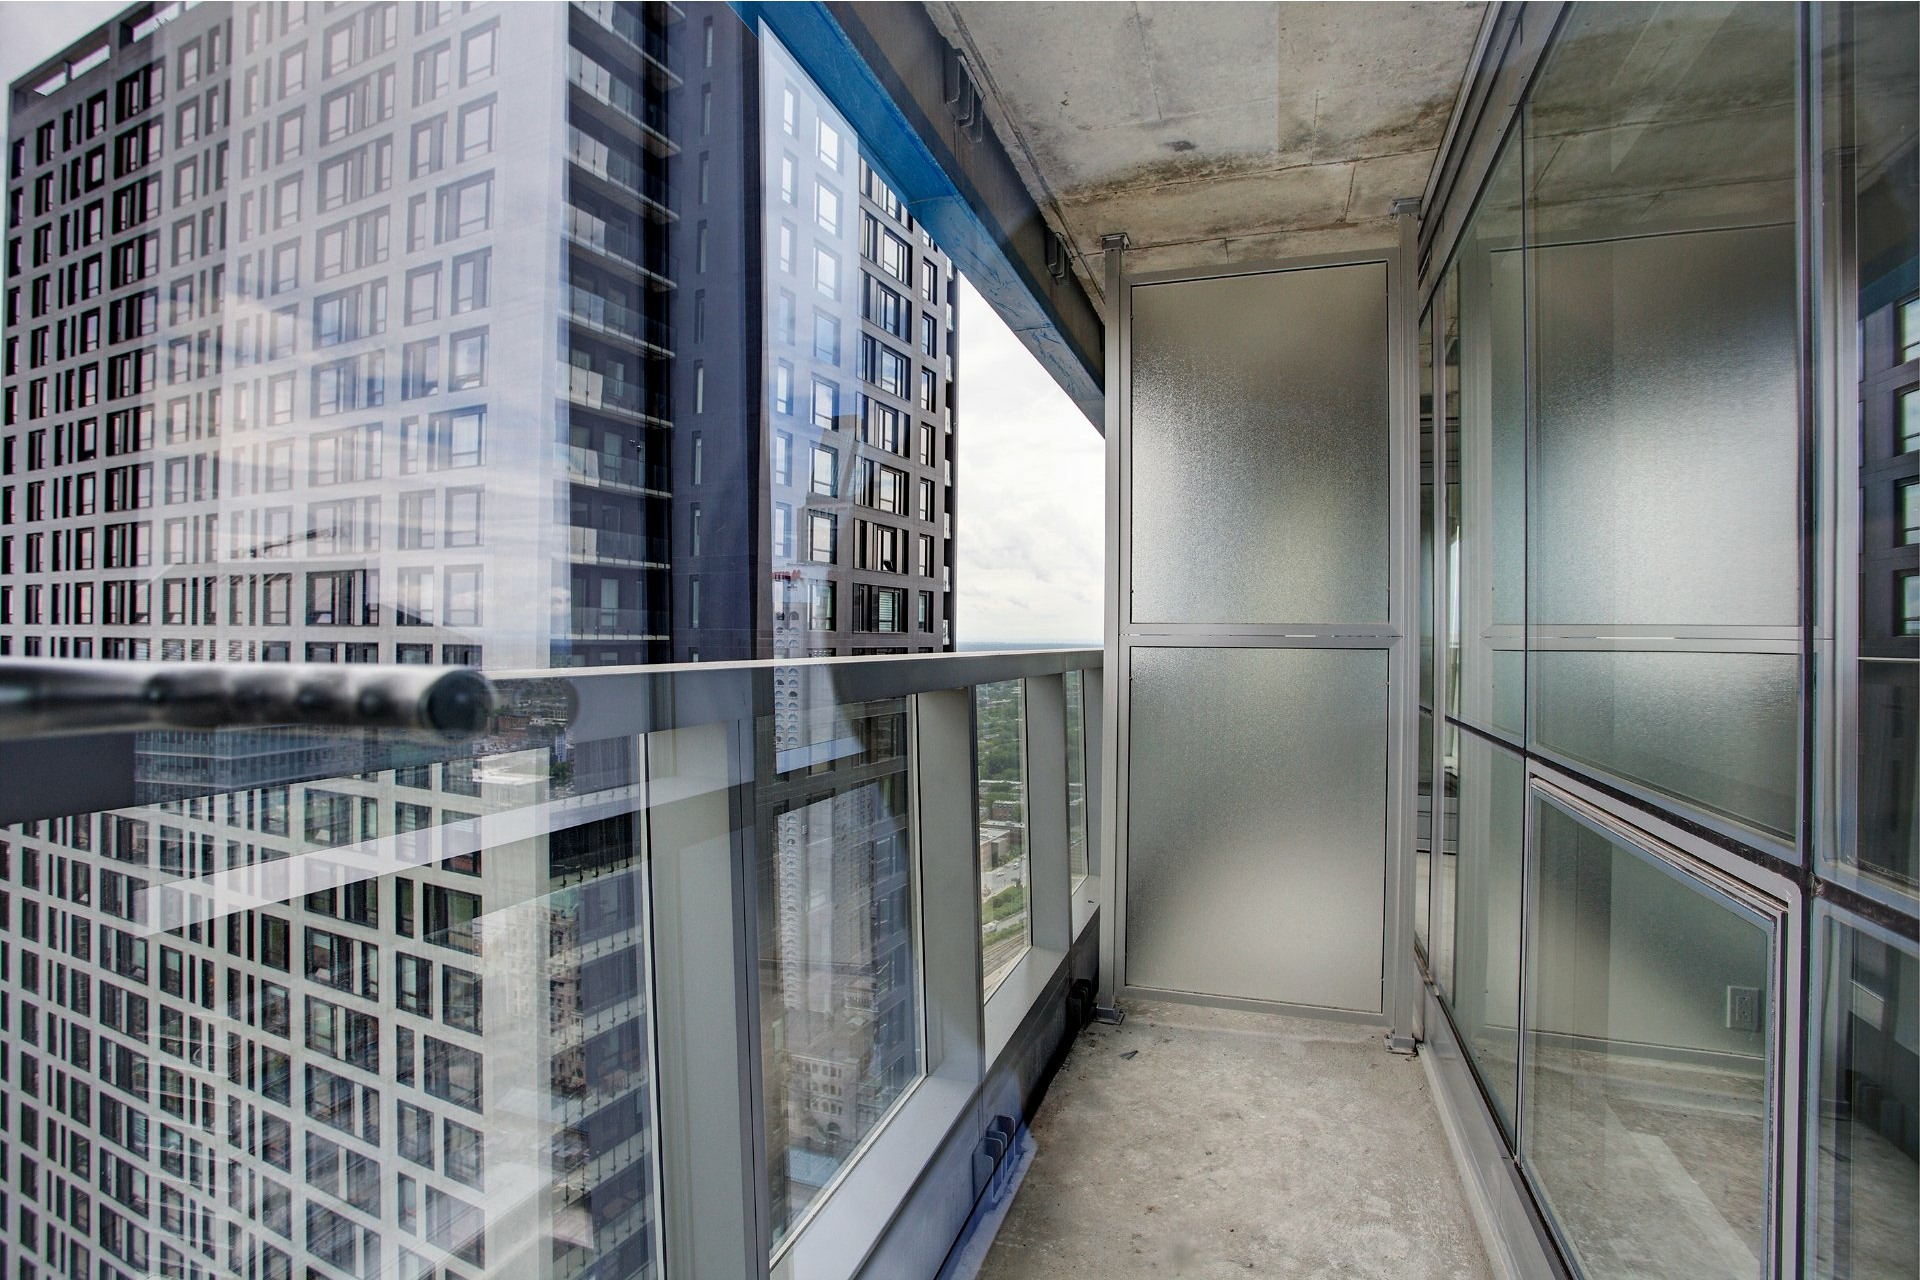 image 17 - Appartement À louer Ville-Marie Montréal  - 5 pièces